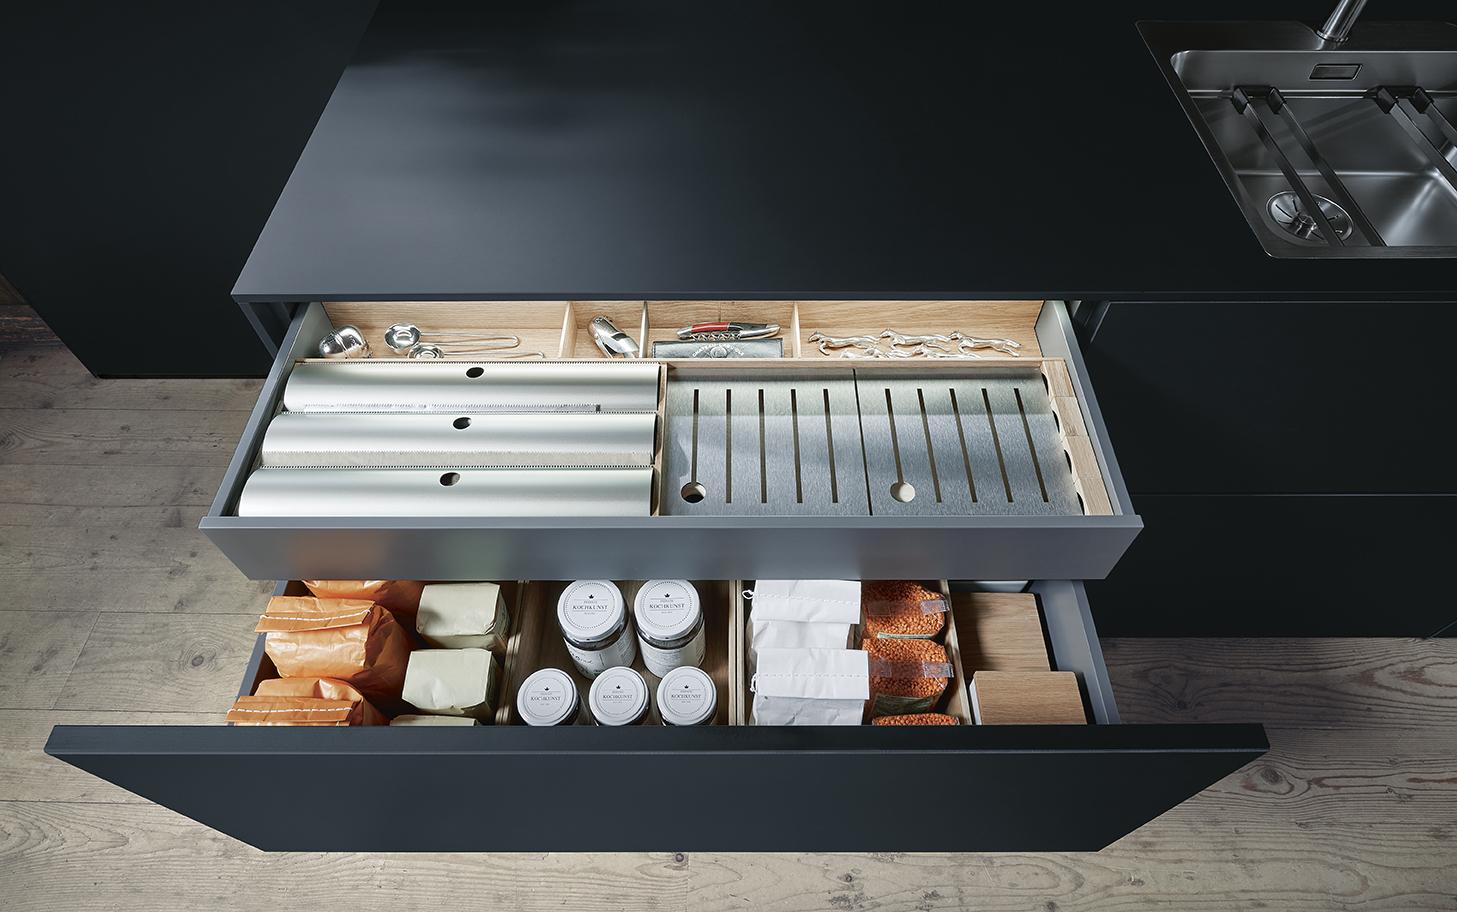 Cuisine Next 125 rangement tiroir design et expérience utilisateur soignée